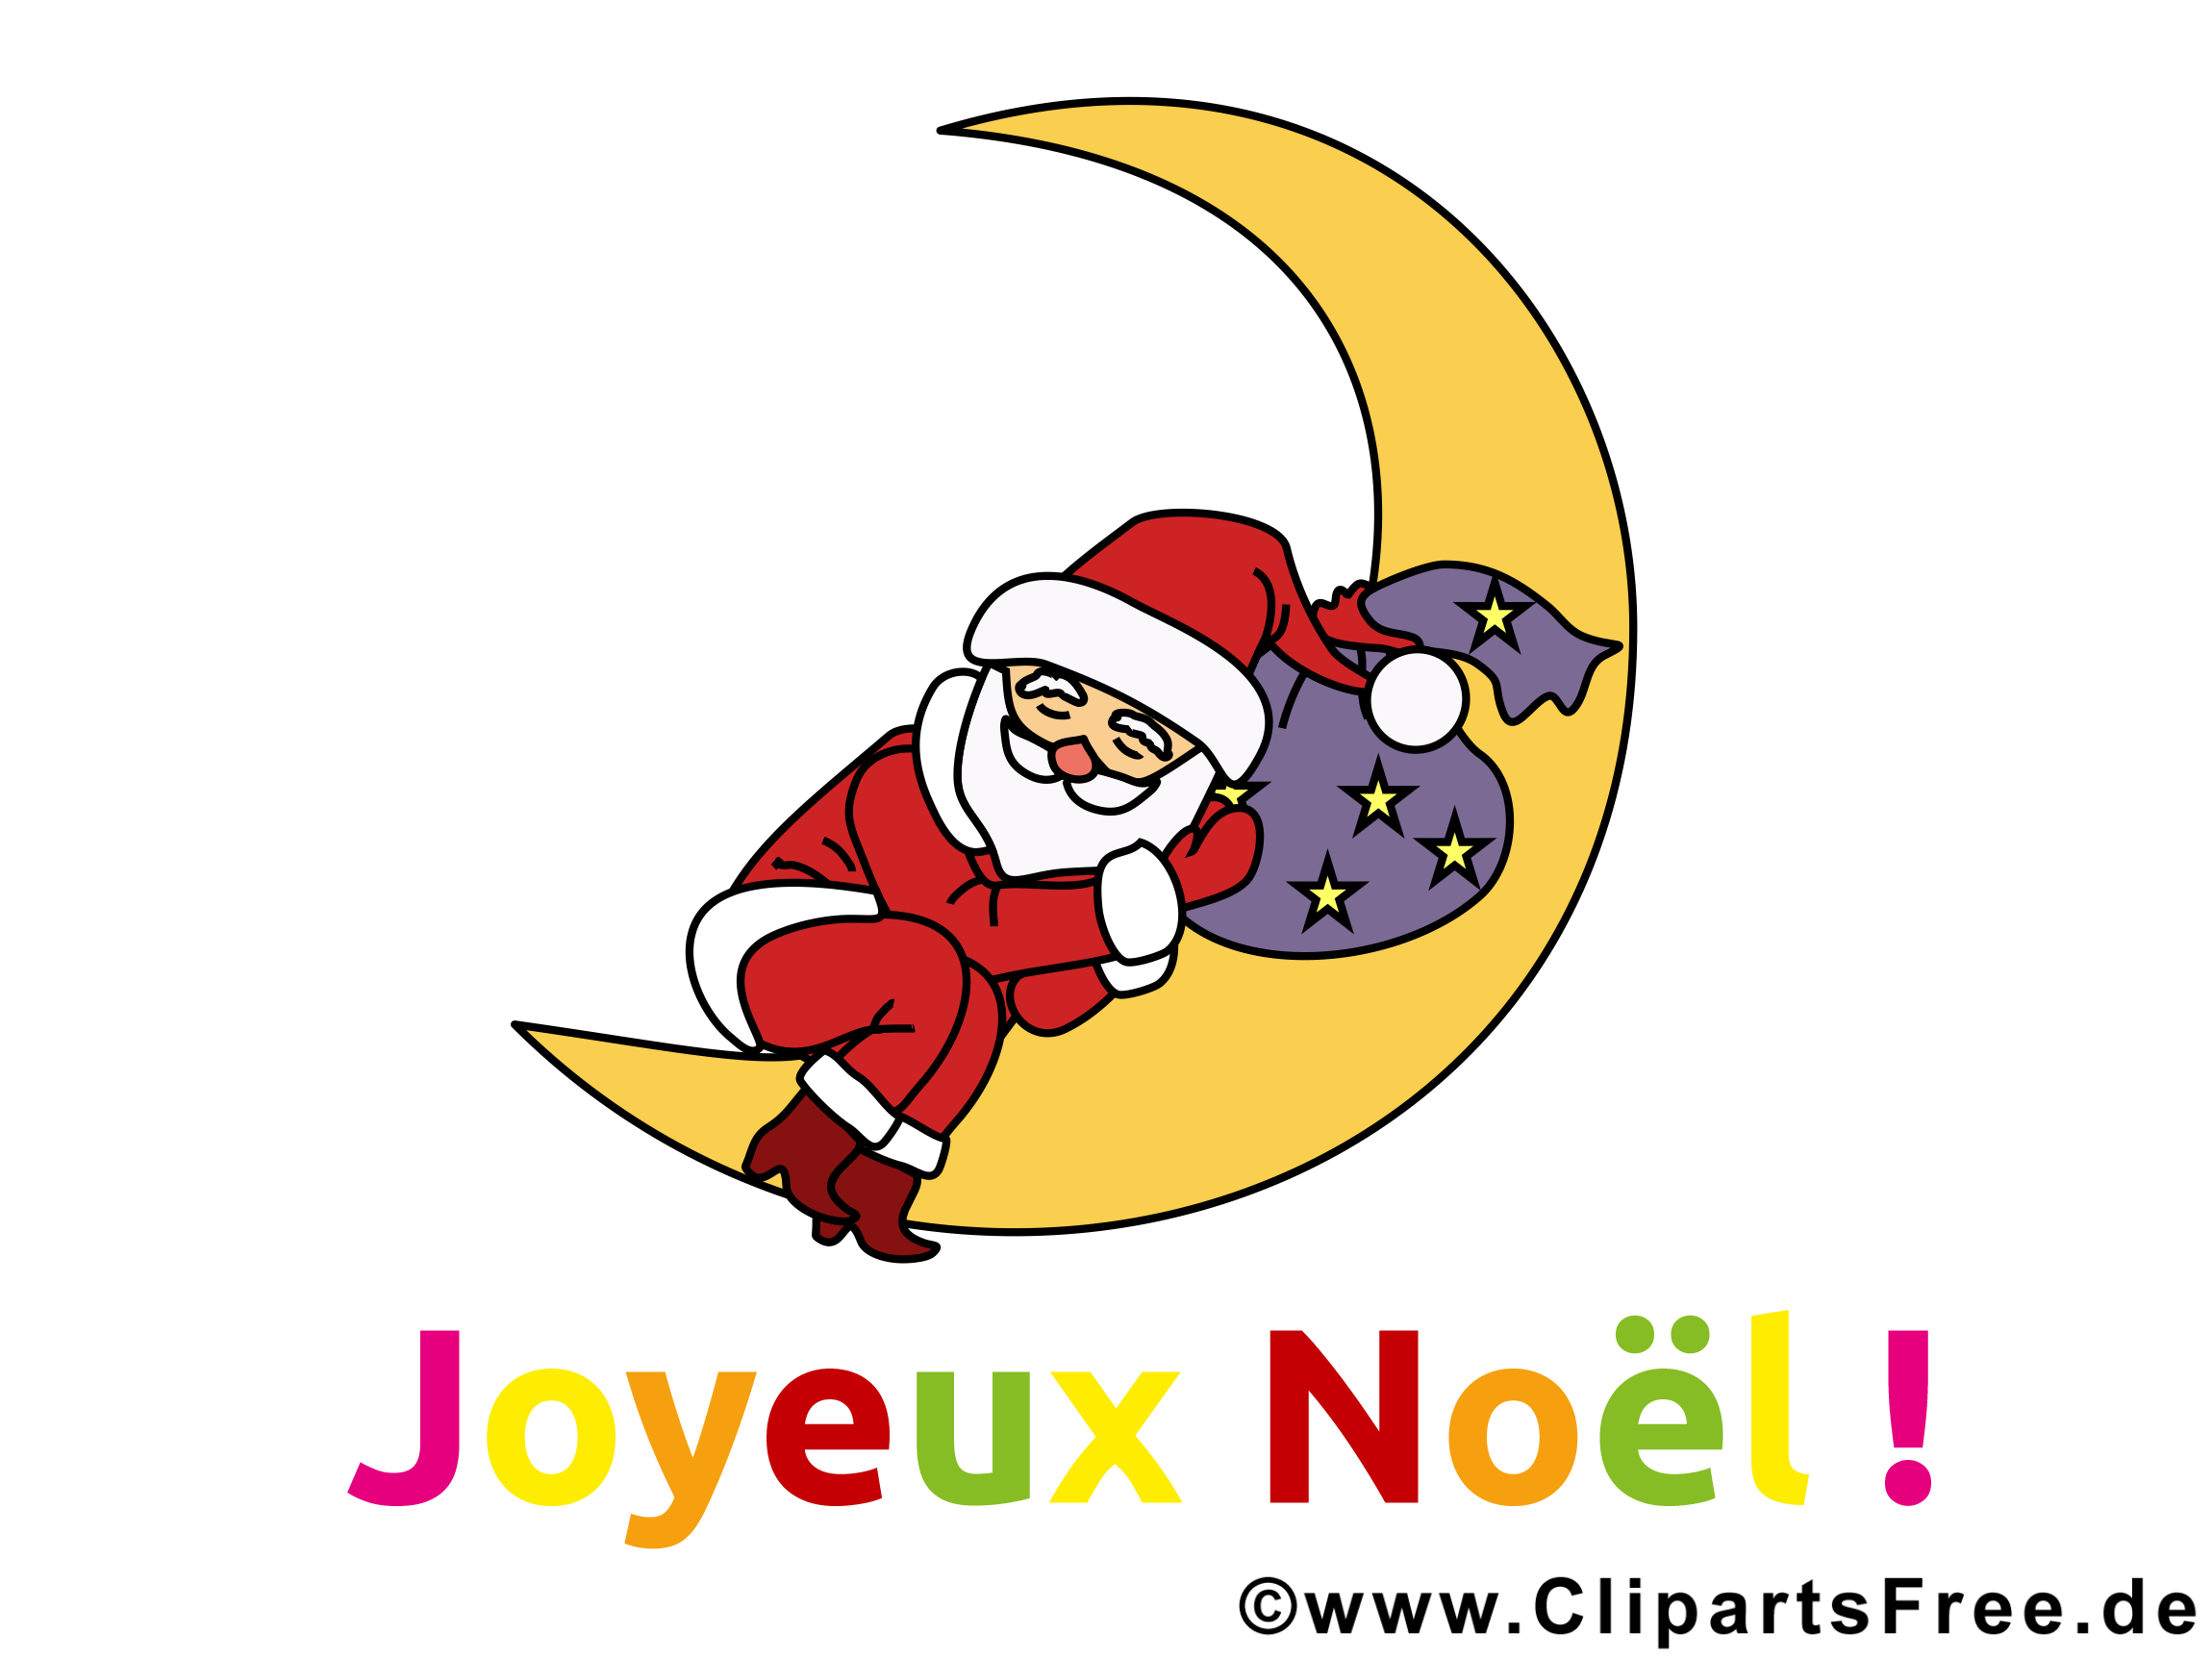 Carte virtuelle Joyeux Noël gratuite - Cartes de Noël ...